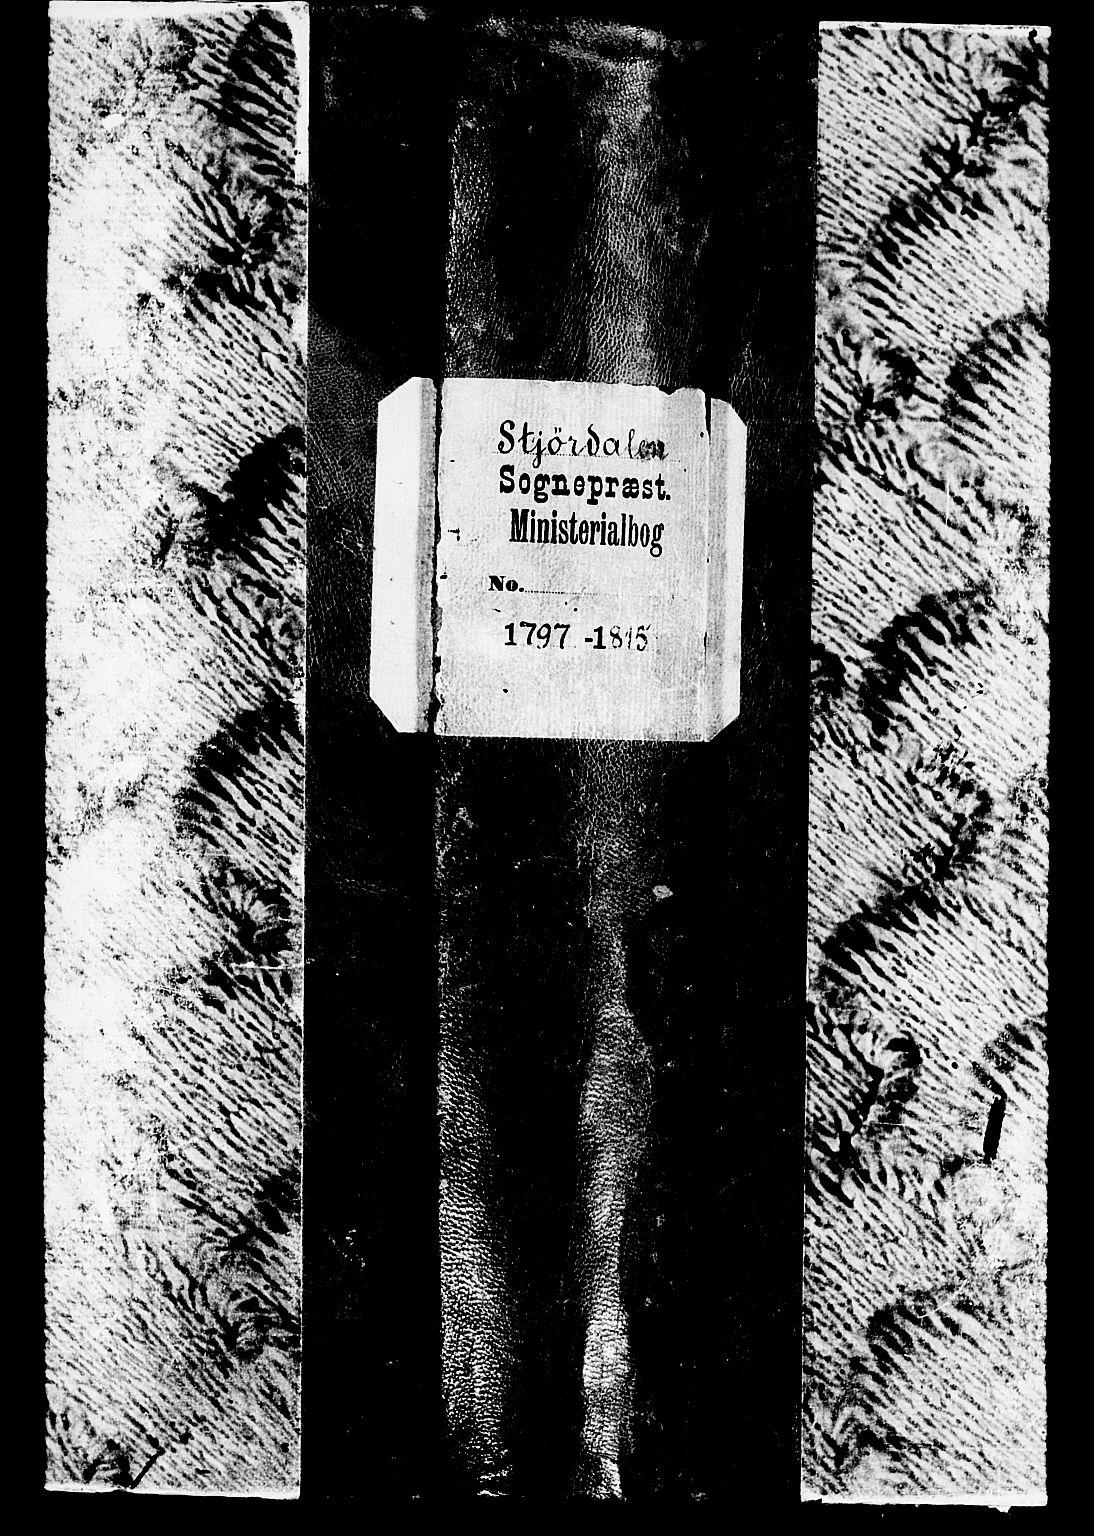 SAT, Ministerialprotokoller, klokkerbøker og fødselsregistre - Nord-Trøndelag, 709/L0060: Ministerialbok nr. 709A07, 1797-1815